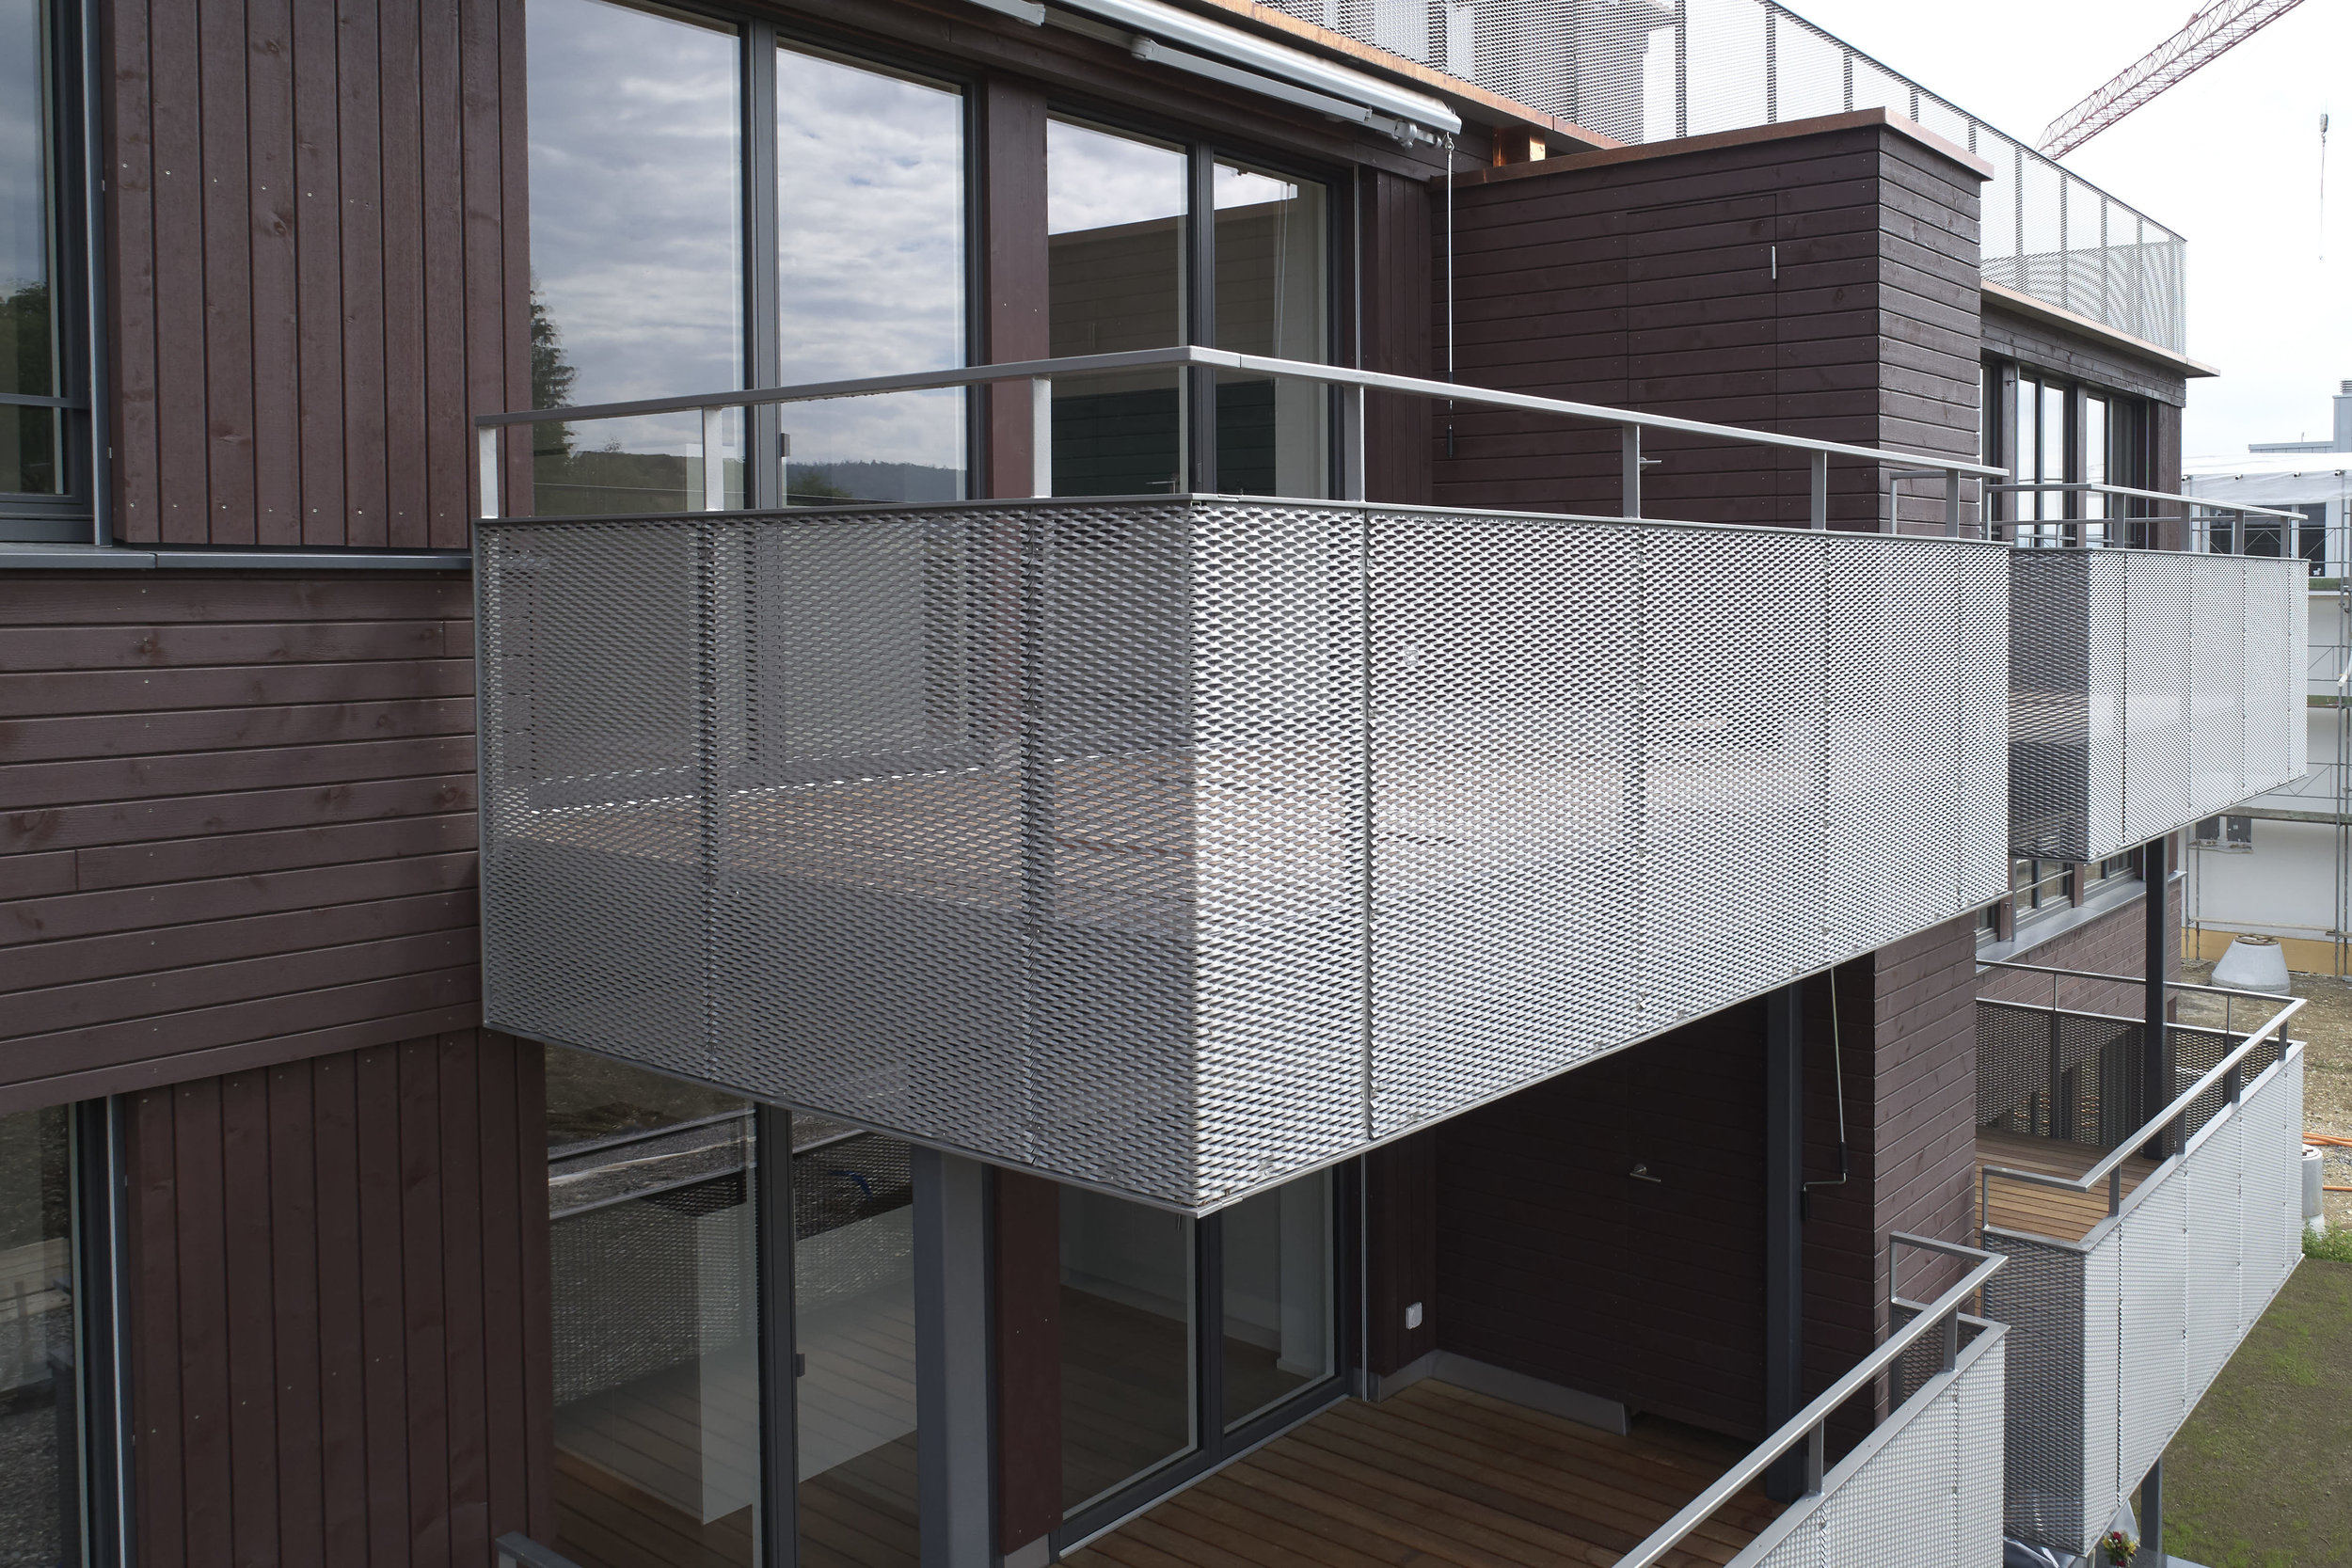 Balkon_streckmetall_gitter.jpg